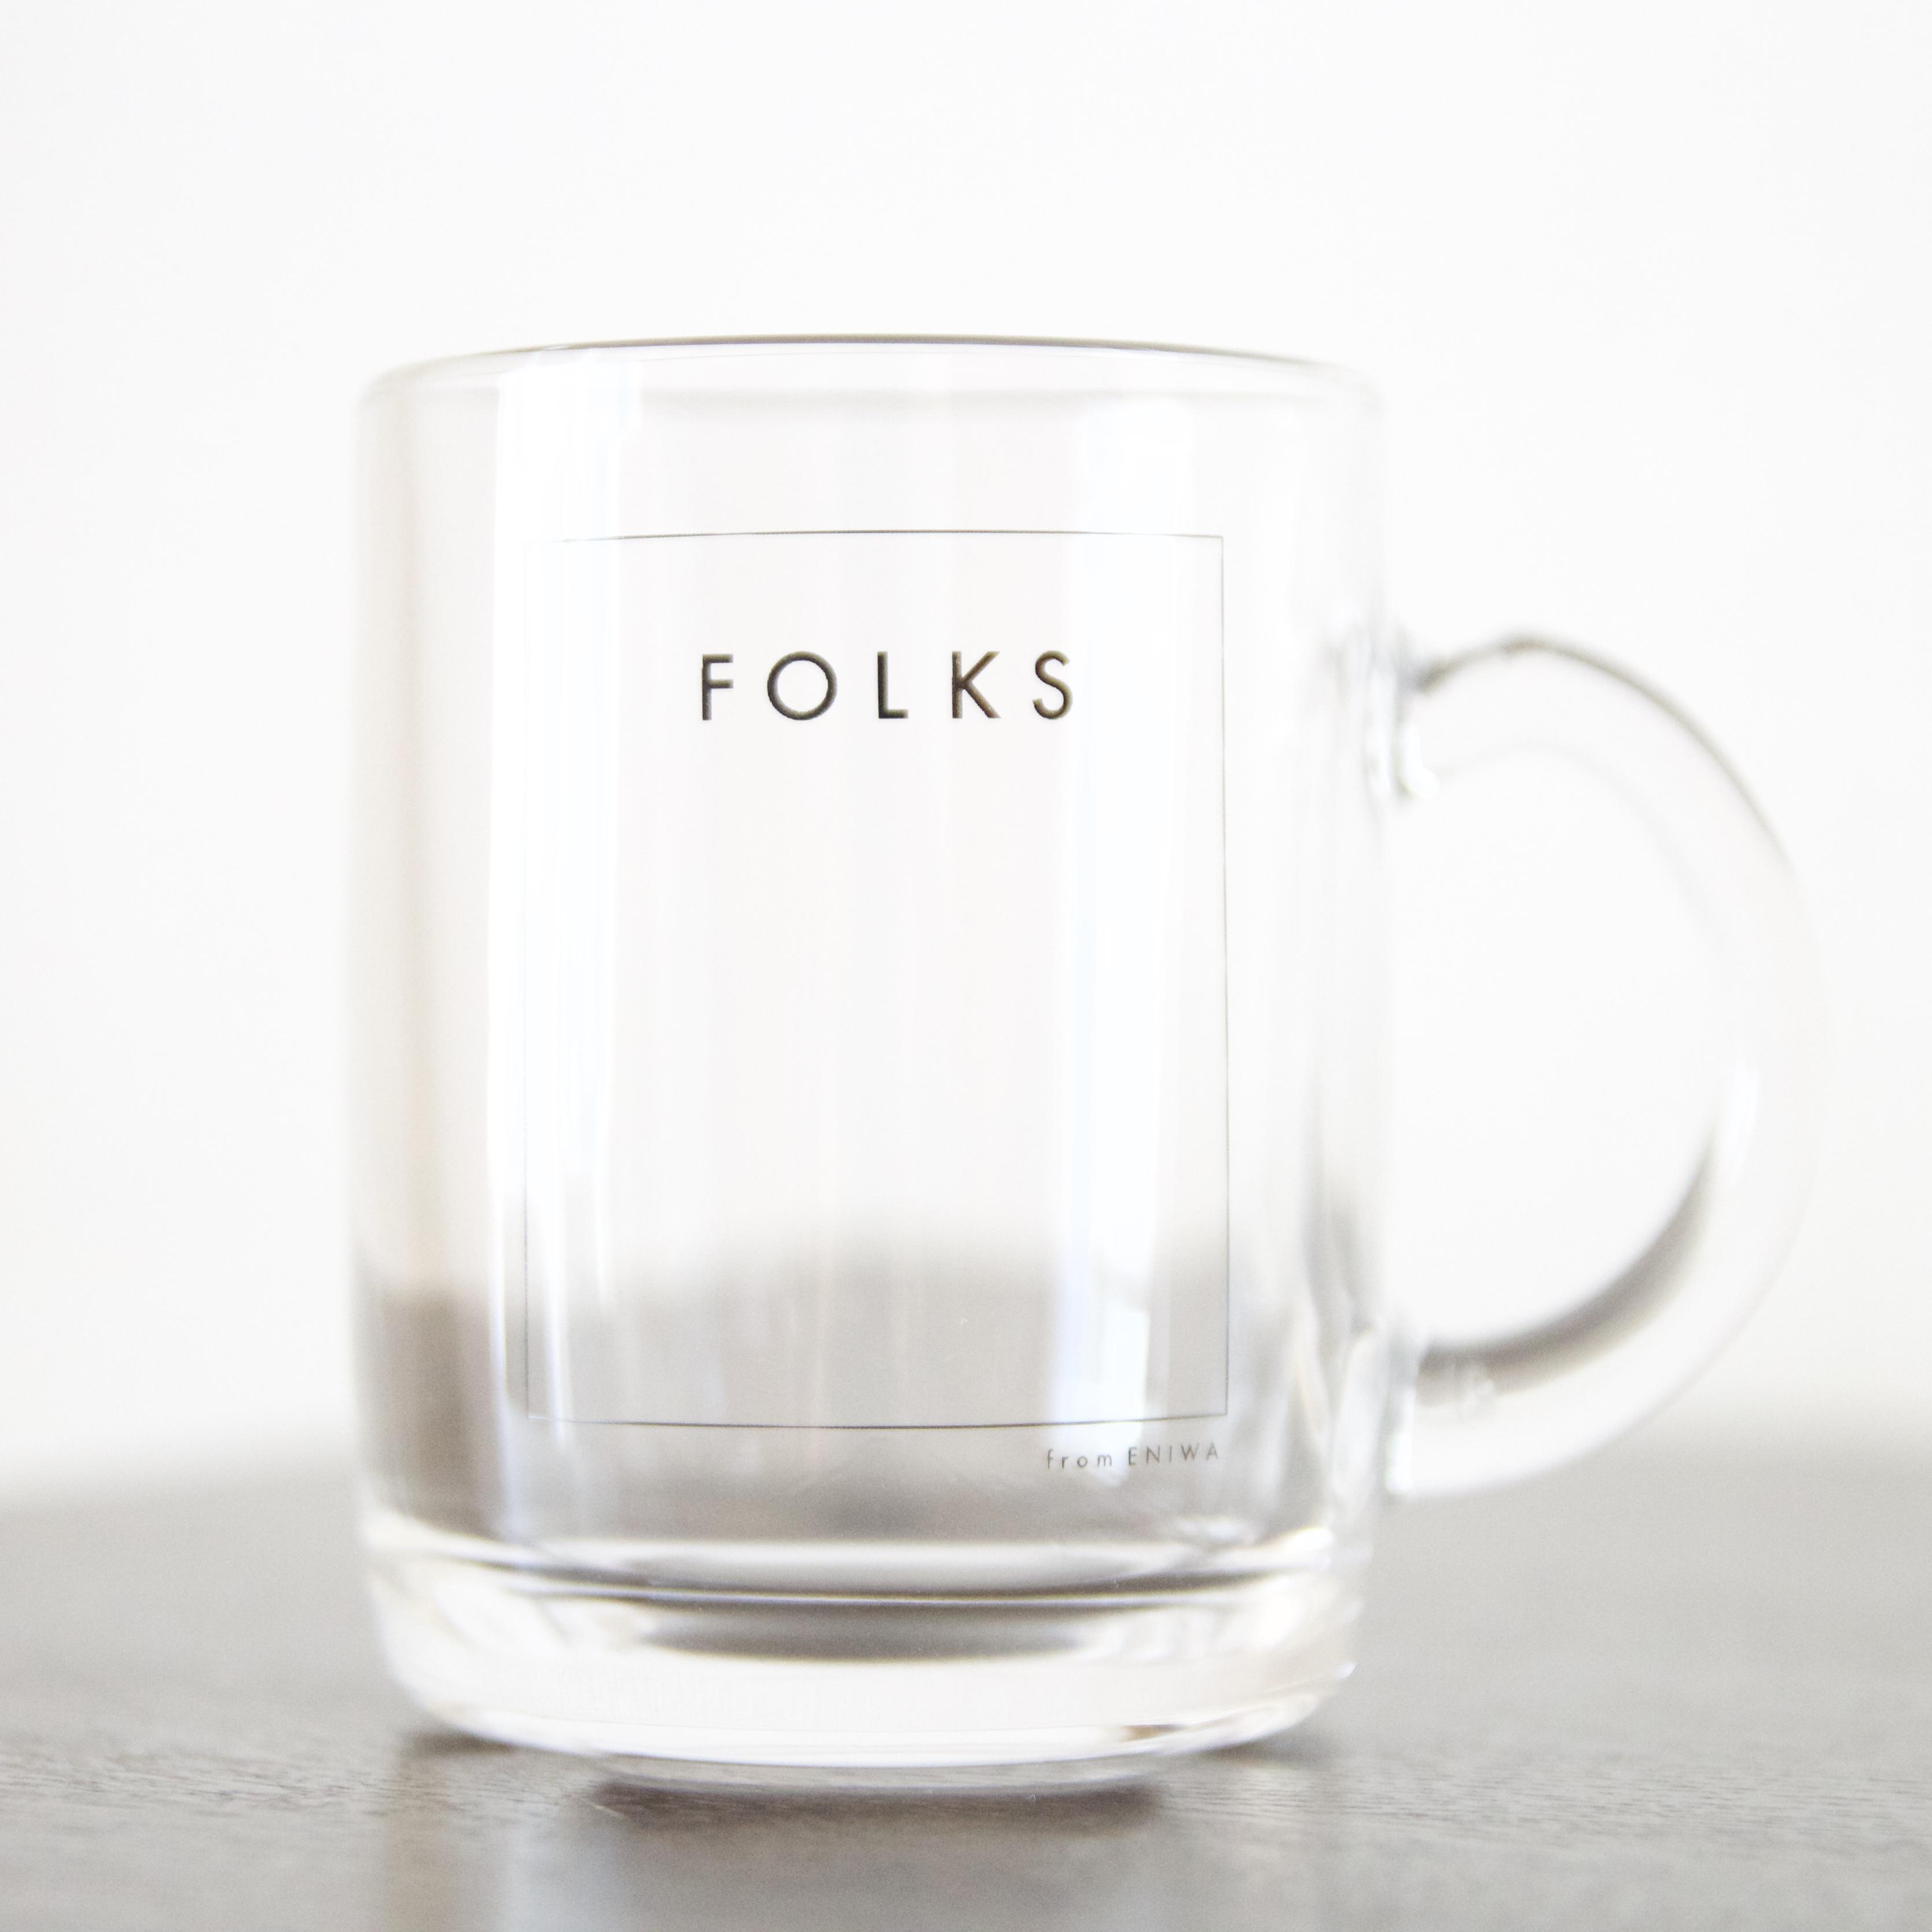 FOLKS メンバーオリジナルデザイングラスマグが発売!